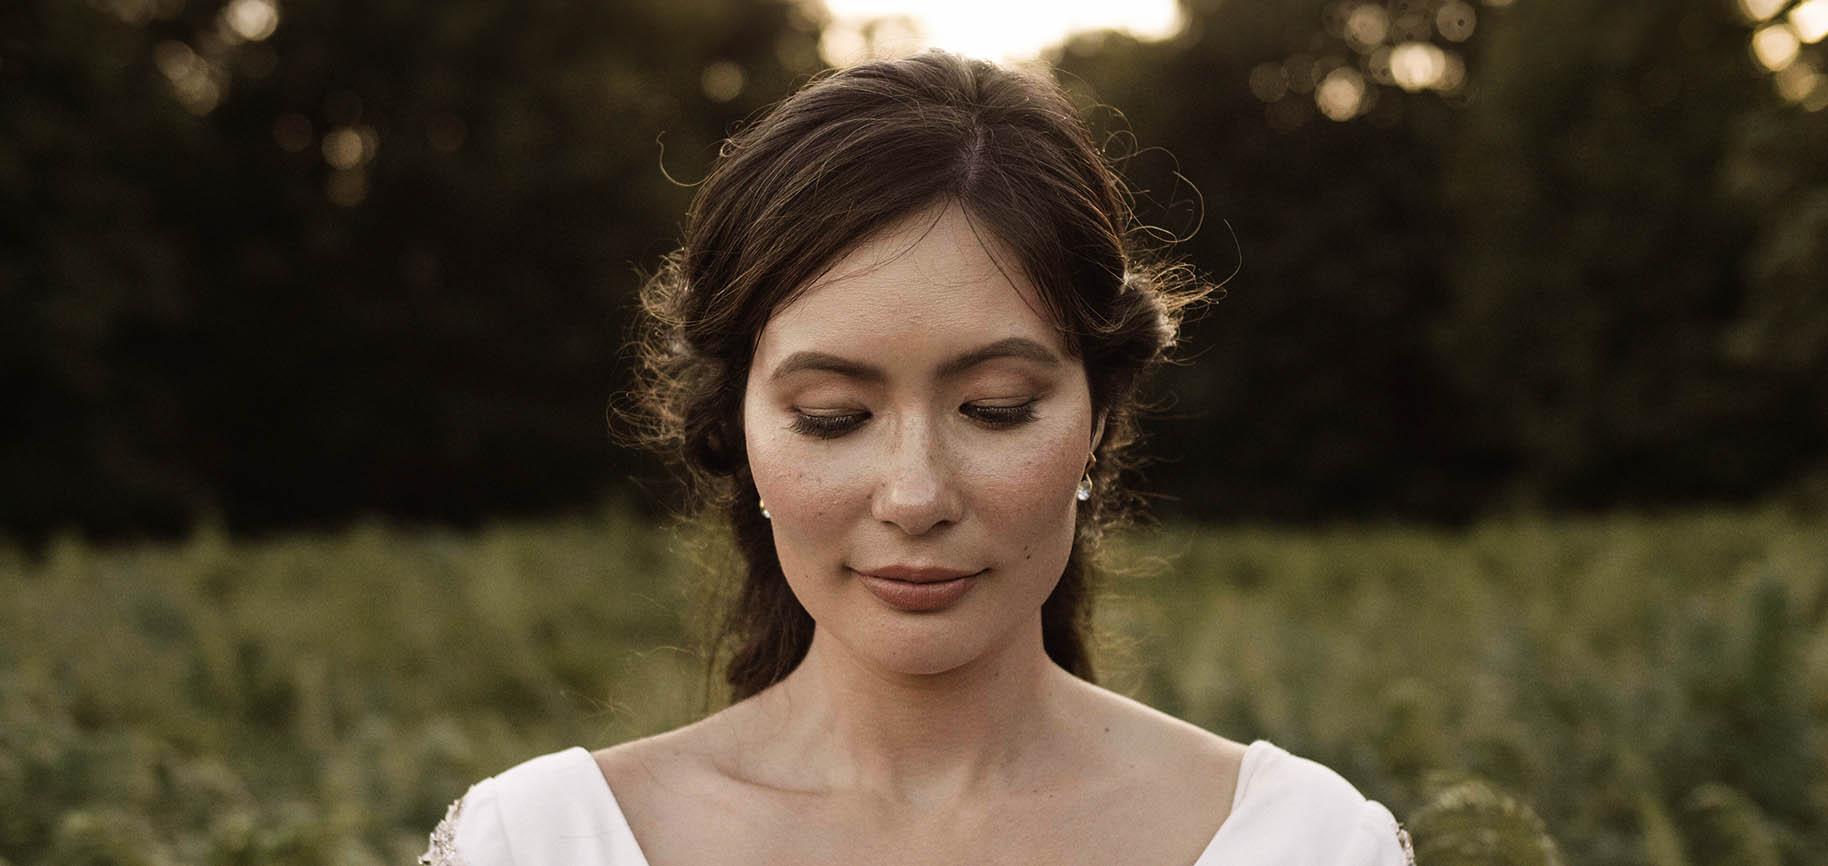 butley priory ślub plenerowy humanistyczny za granicą wielka brytania film ślubny